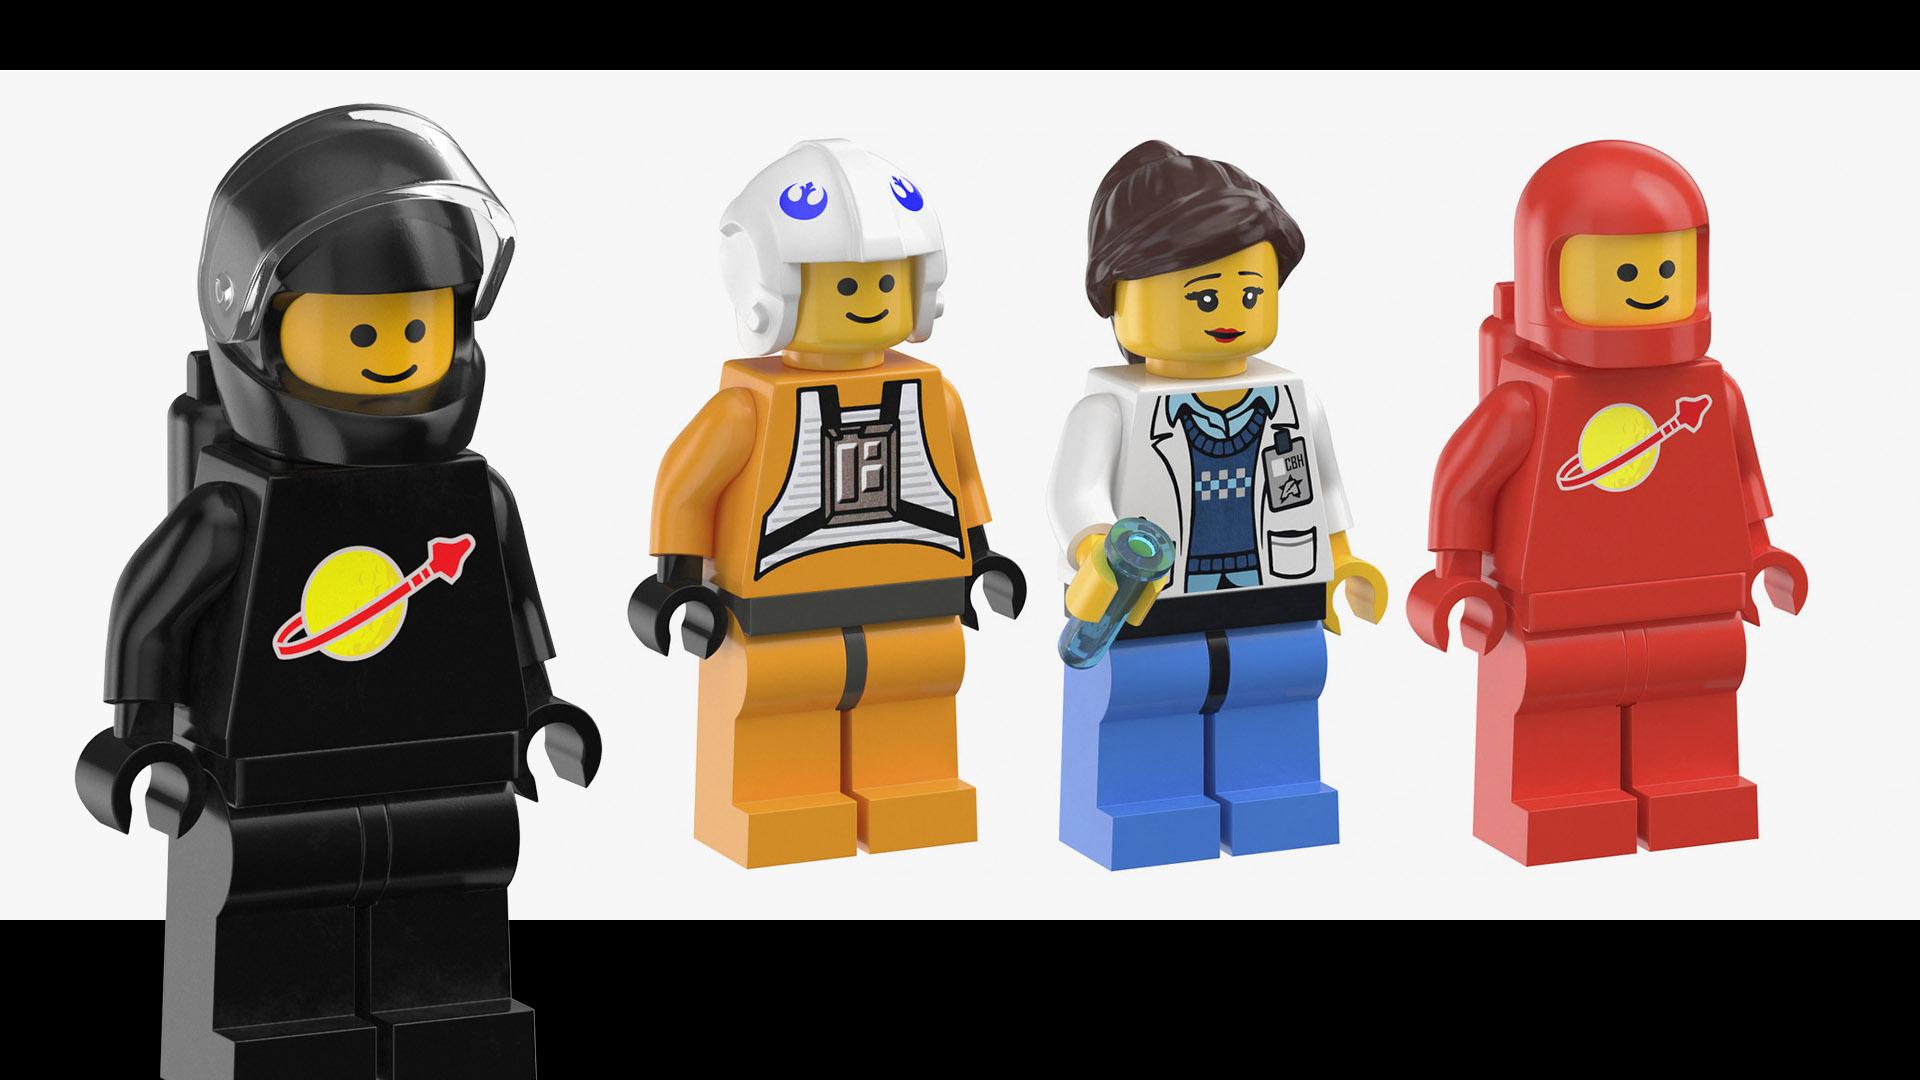 Lego Characters 3D Models